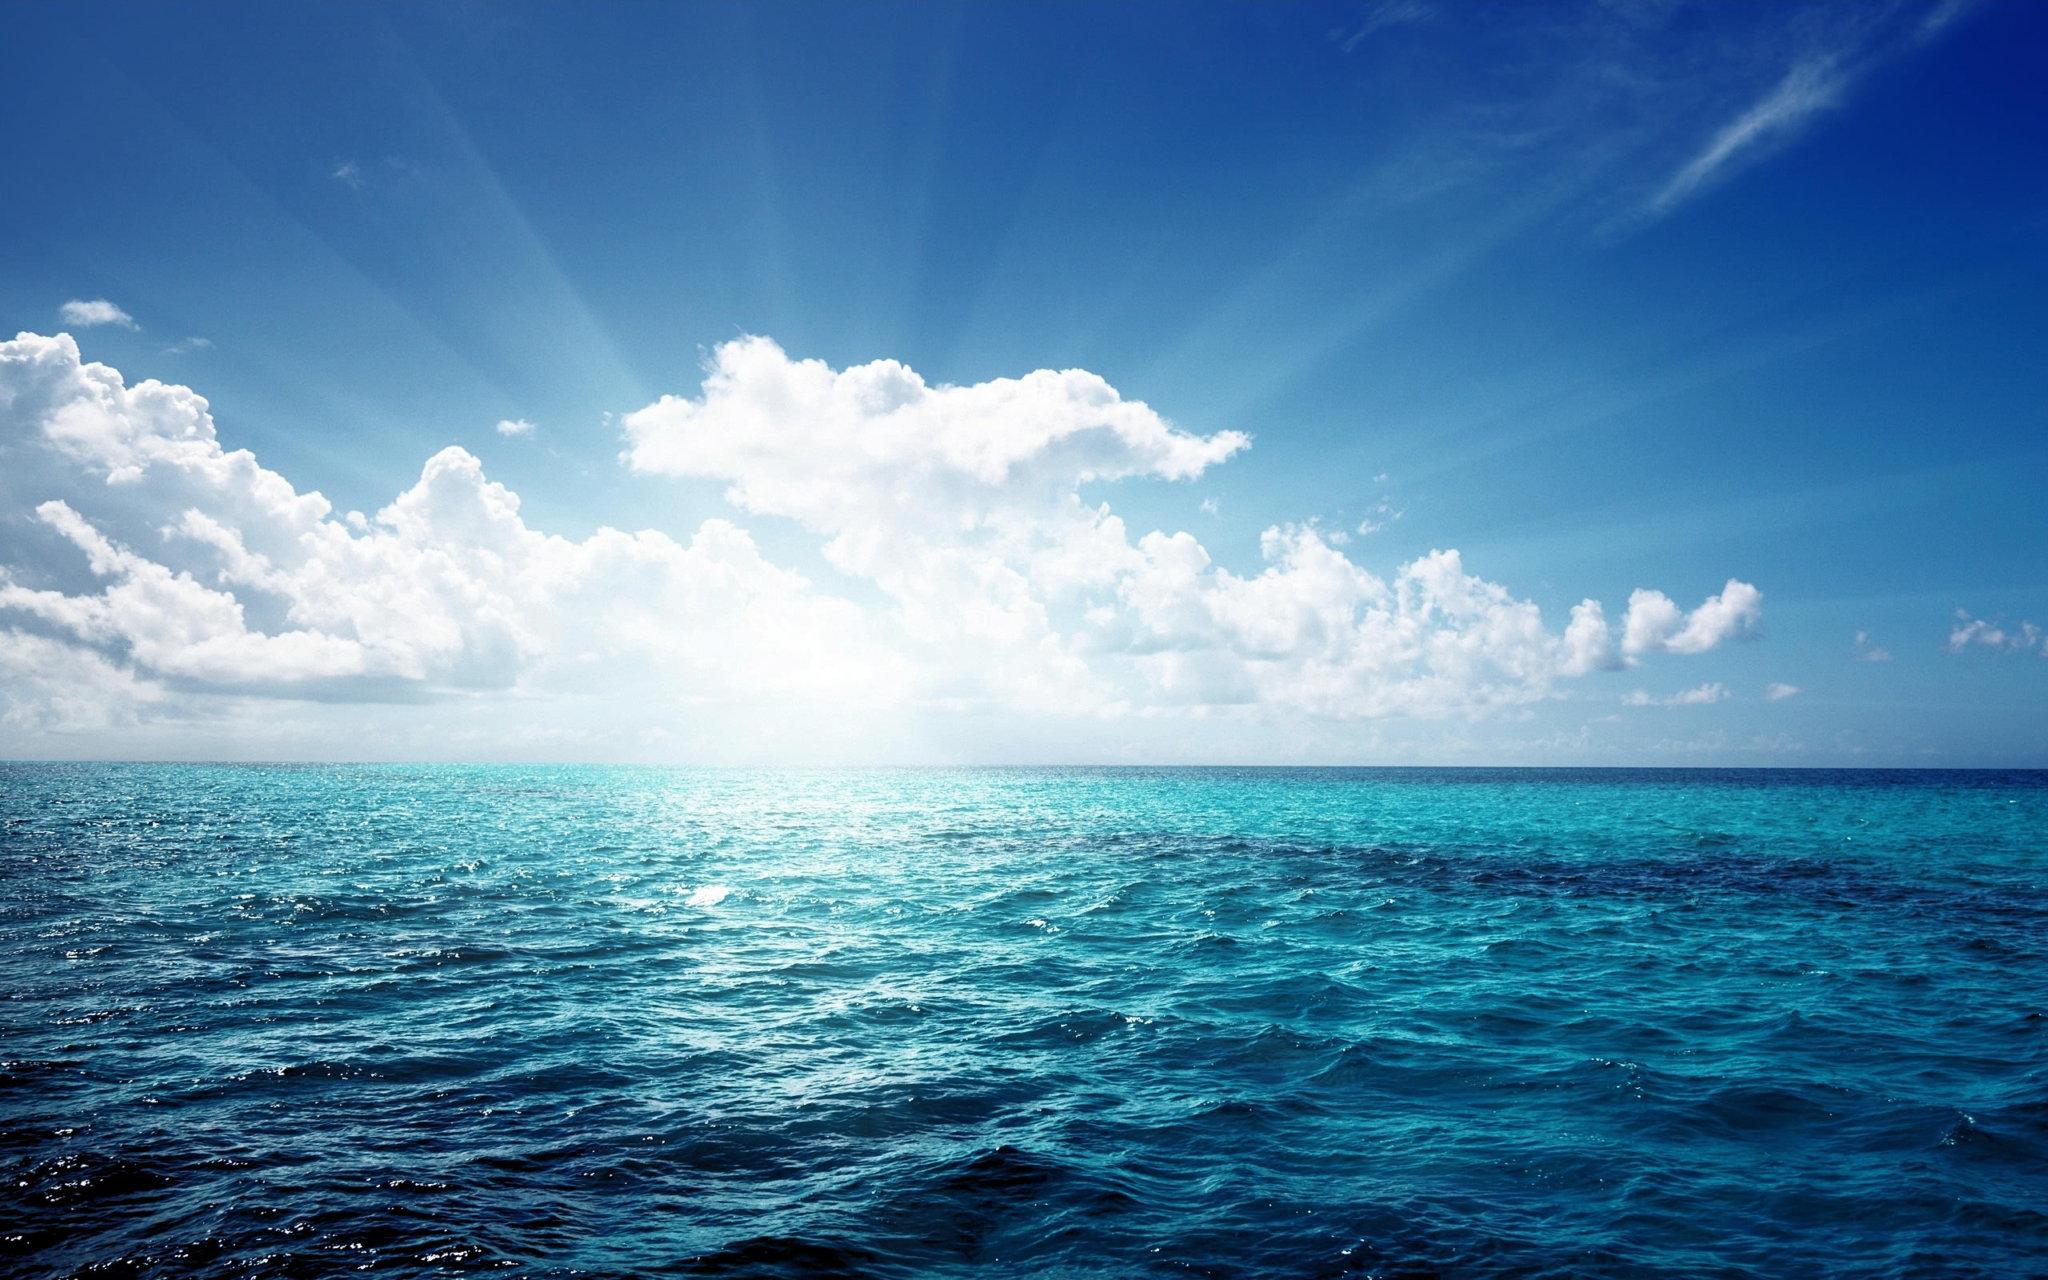 Immagini belle mare immagini belle for Foto per desktop gratis mare